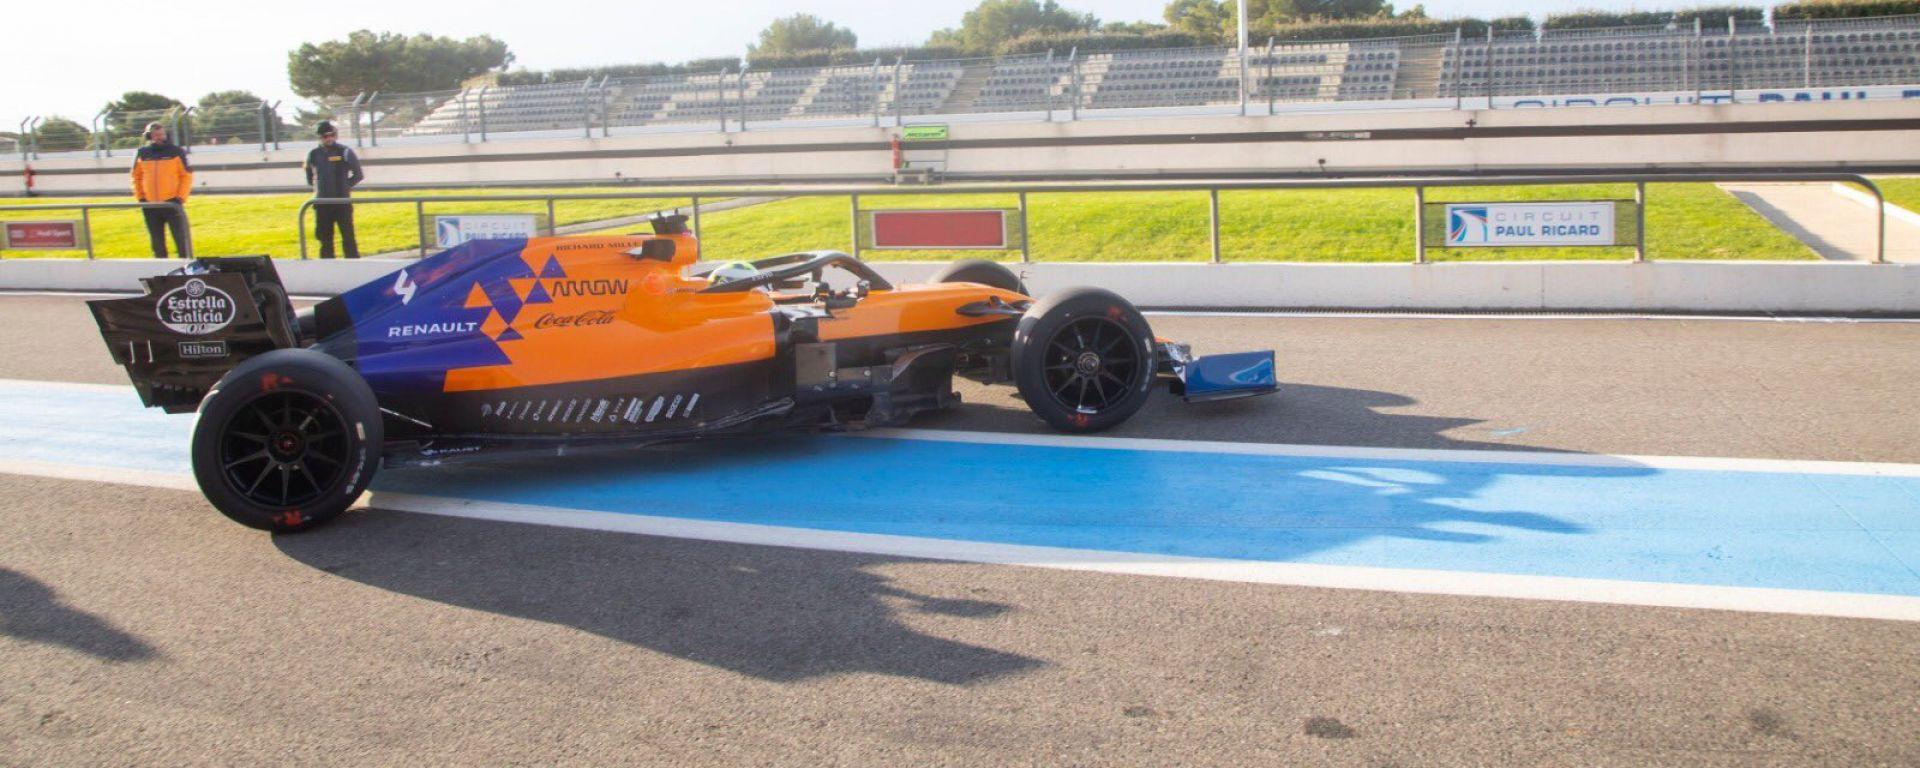 F1, test Pirelli 18 pollici: Lando Norris (McLaren) impegnato al Paul Ricard